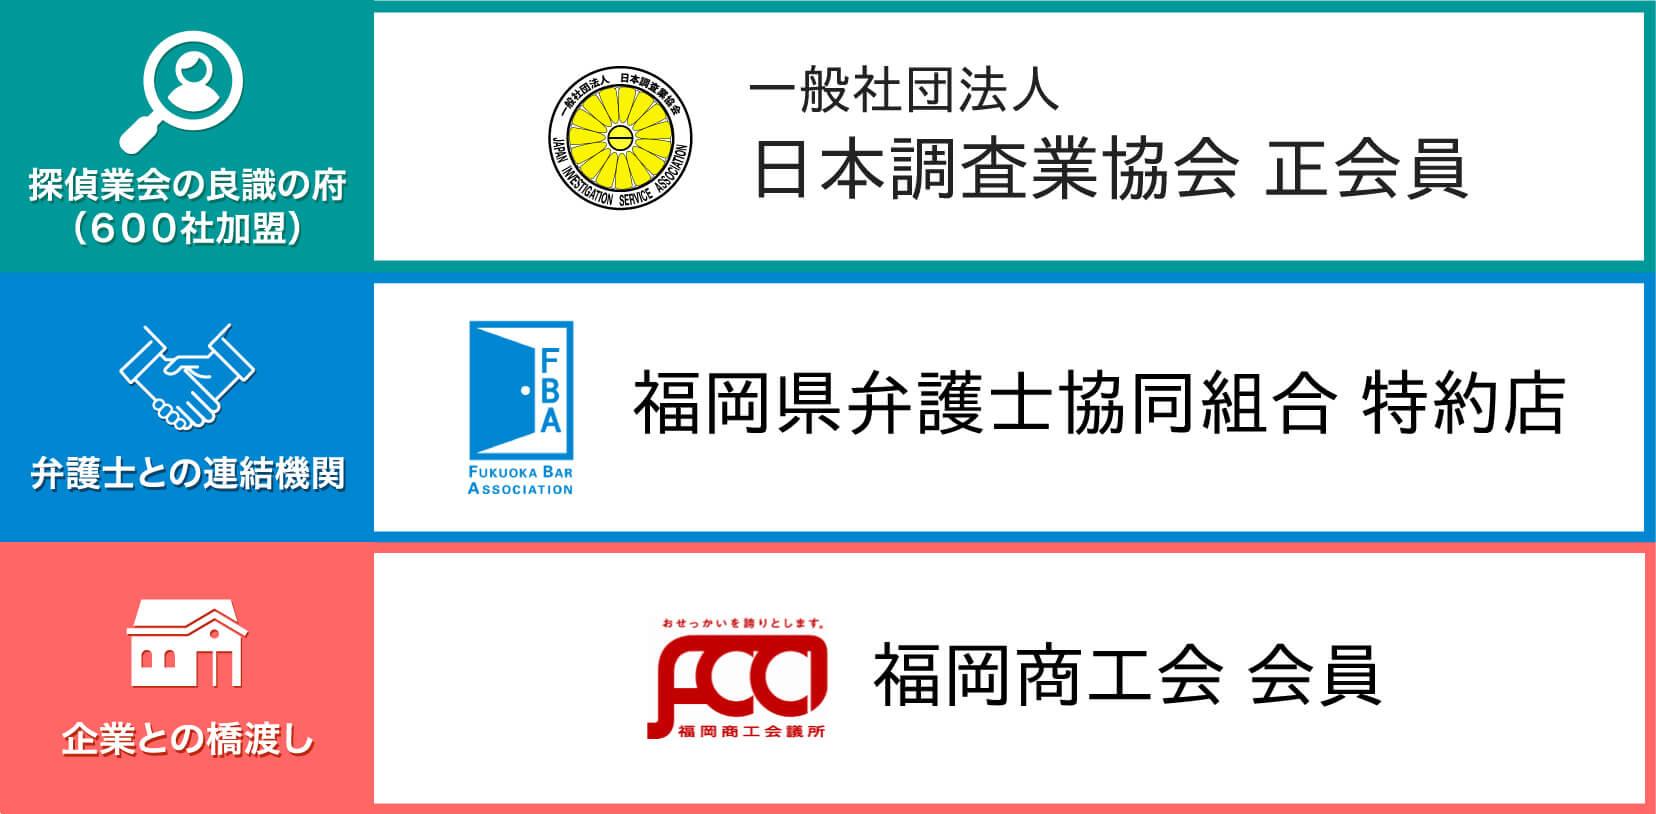 当探偵事務所は、日本調査業協会正会員・福岡県弁護士協同組合特約店・福岡商工会会員です。